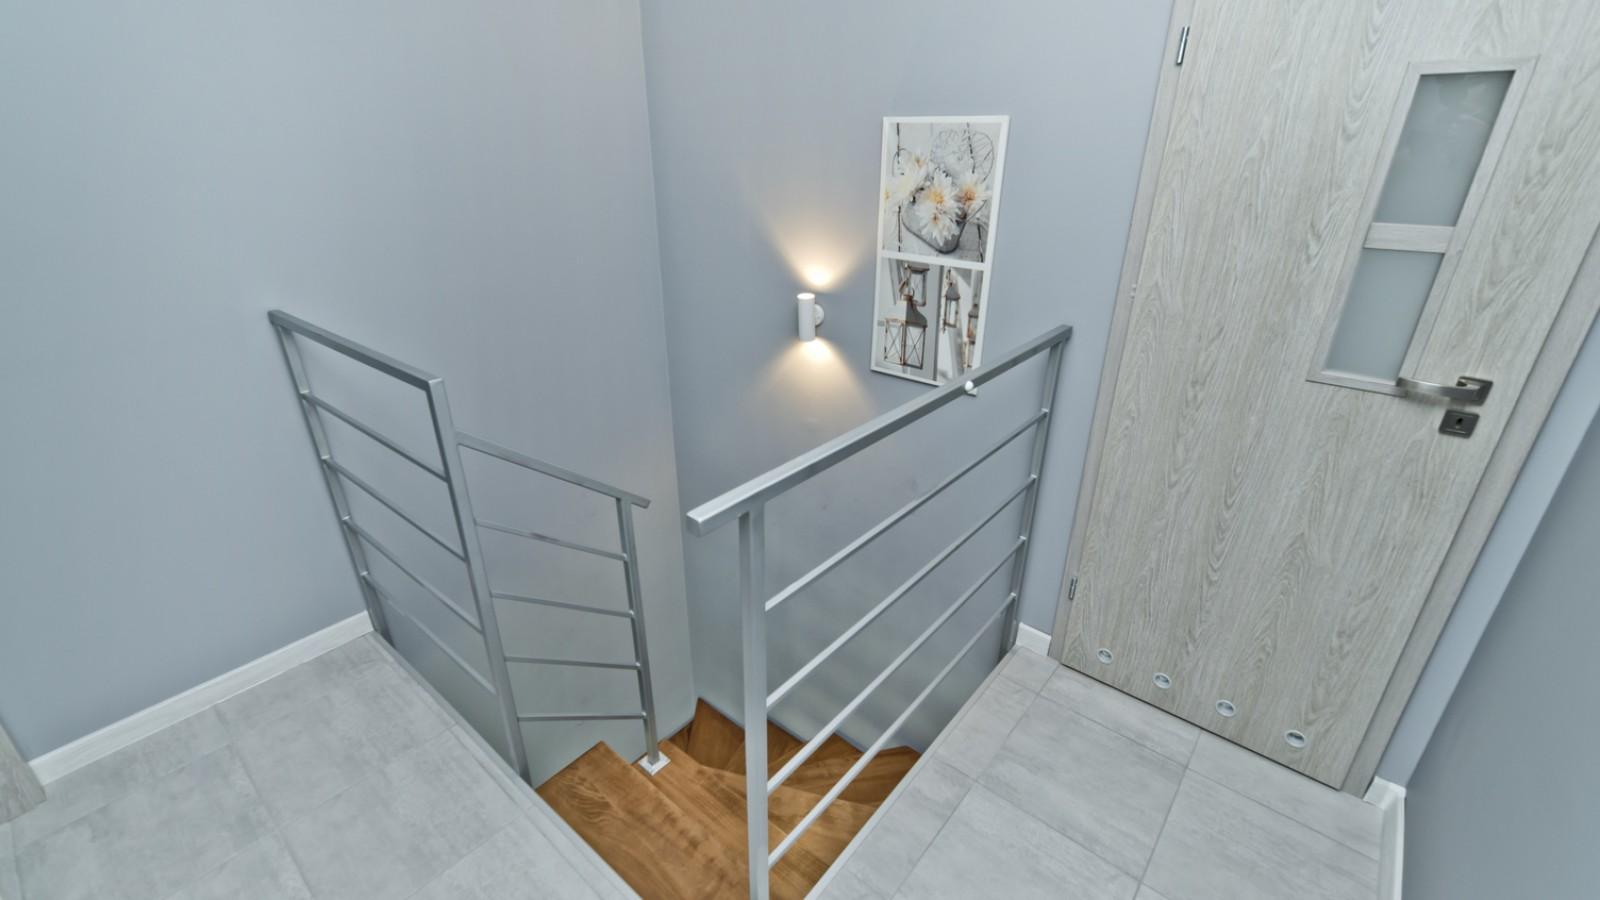 Domek apartamentowy Gray